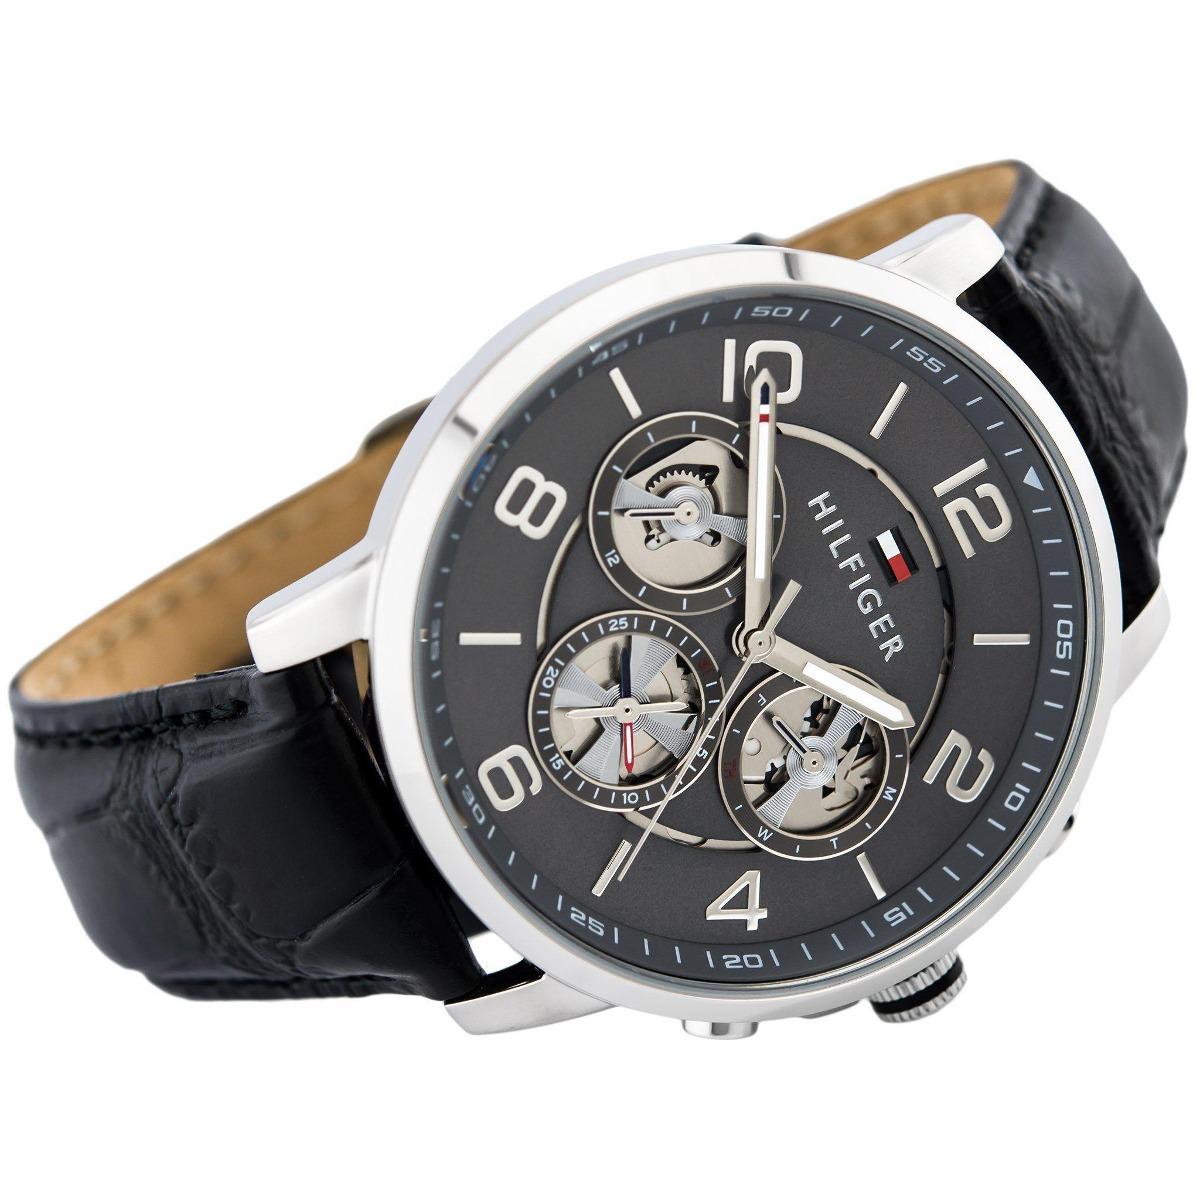 9e43acfba Relógio Tommy Hilfiger Automatic 1791289 - R$ 1.499,00 em Mercado Livre